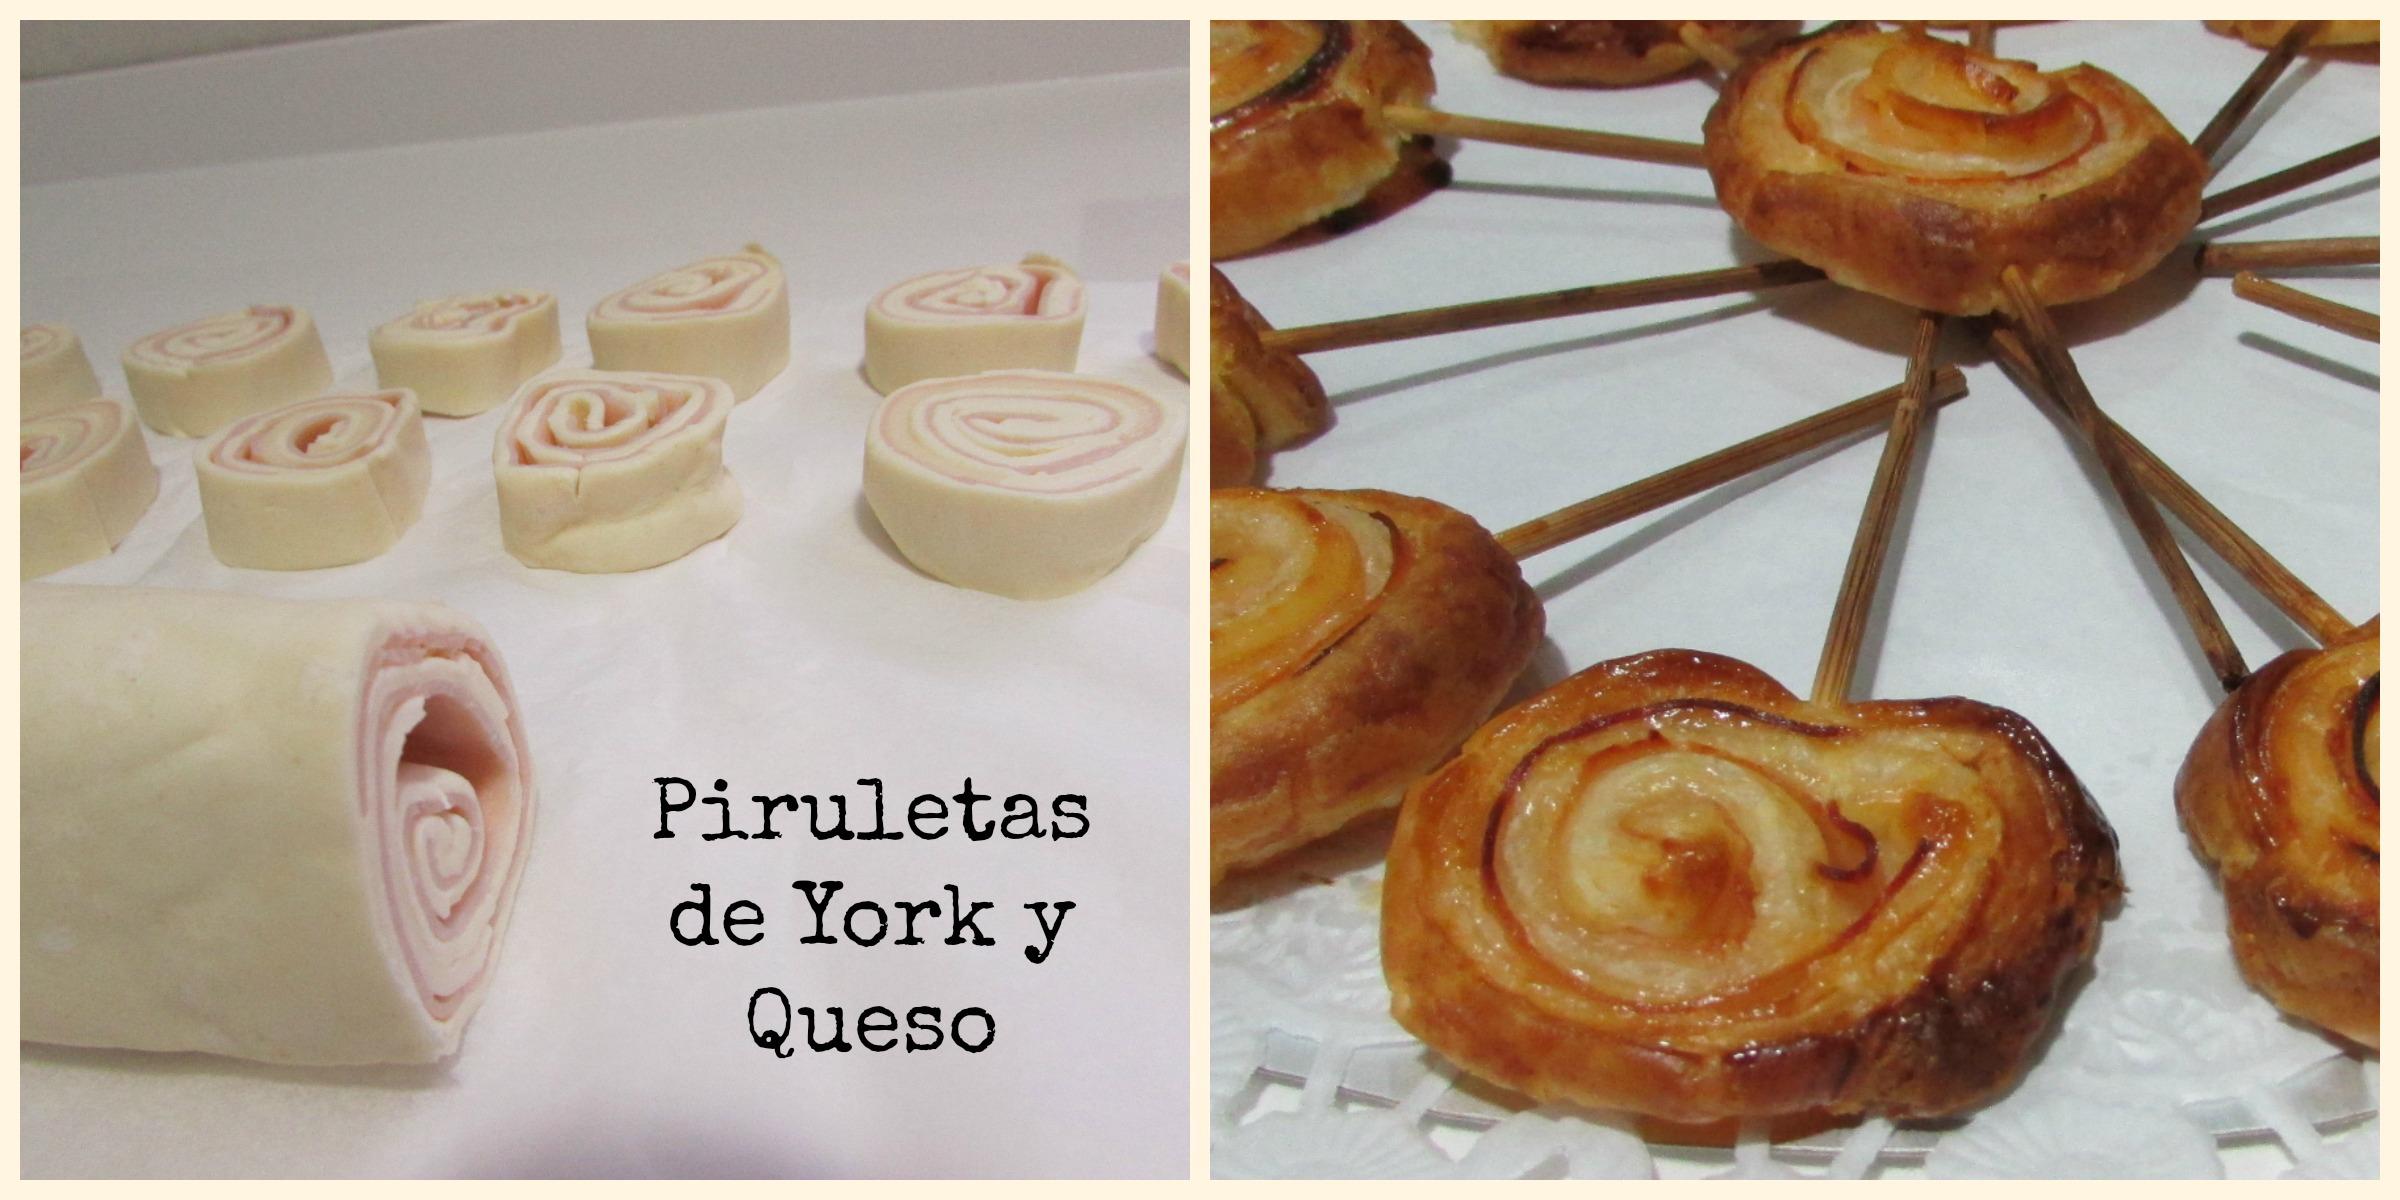 PIRULETAS DE YORK Y QUESO